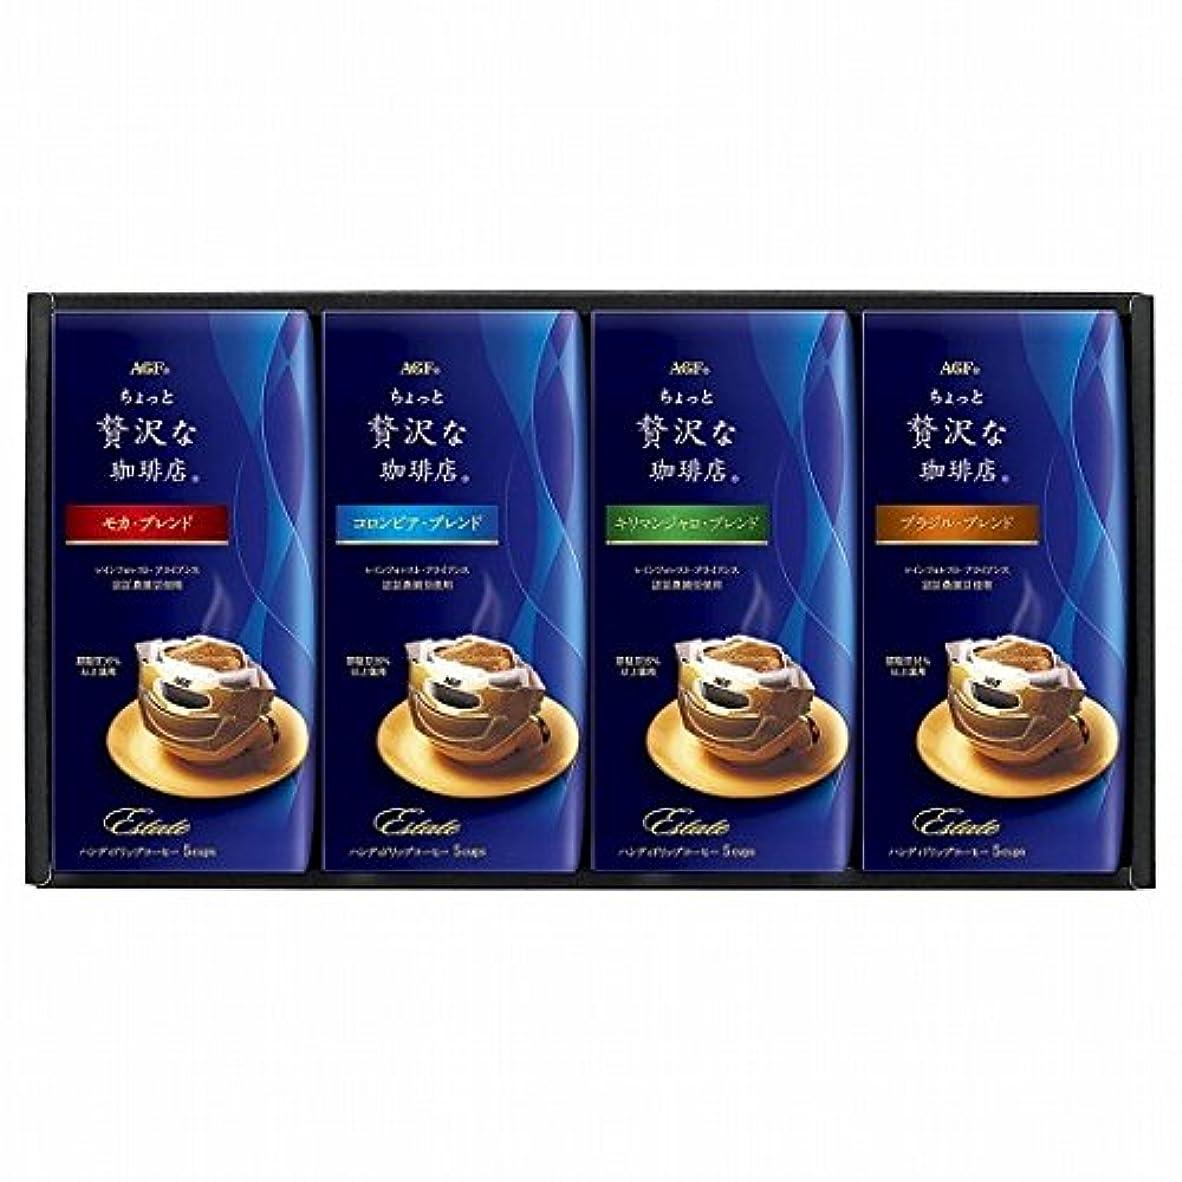 窒素ヒープやがてちょっと贅沢な珈琲店ドリップコーヒーギフト 287-3552-056